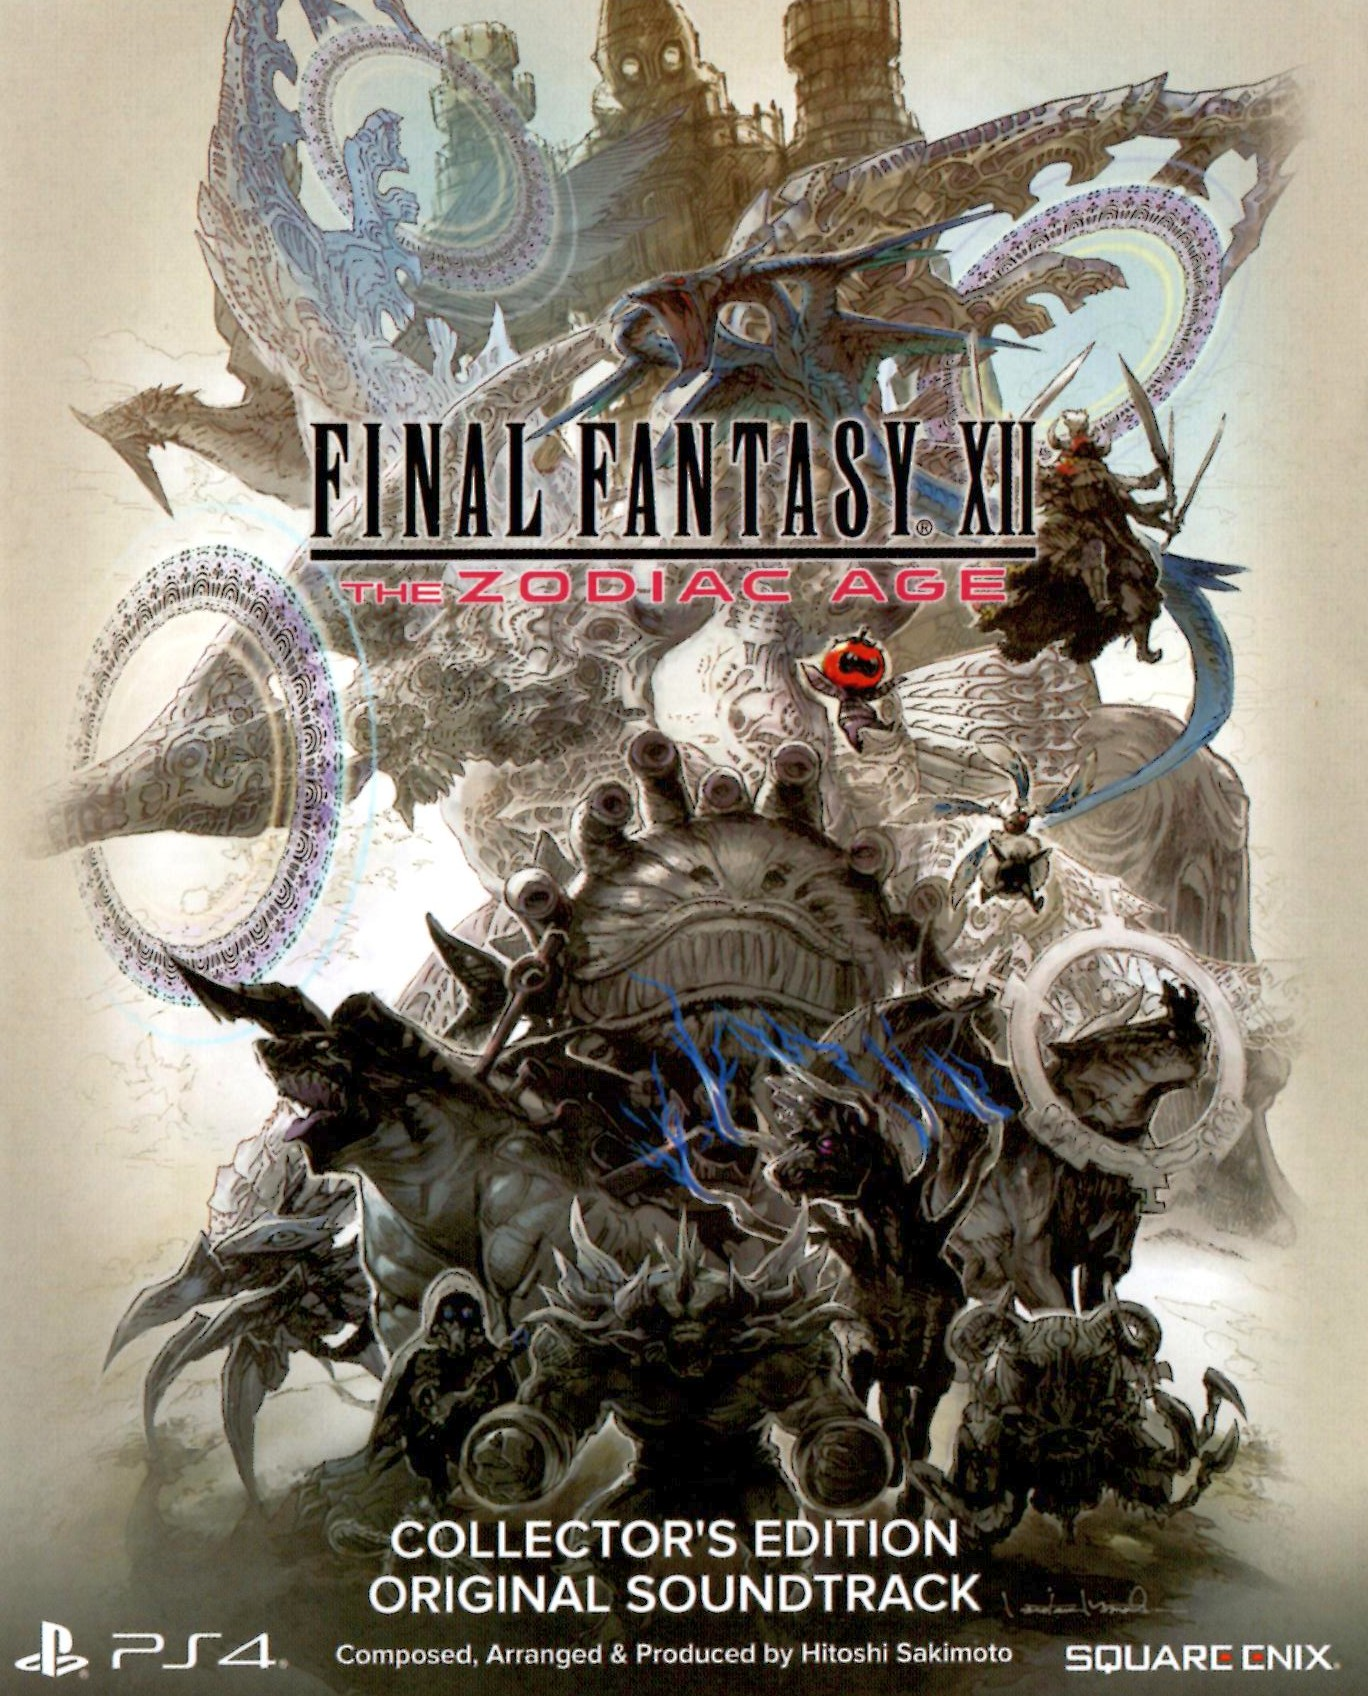 Final Fantasy Xii The Zodiac Age Collector S Edition Original Soundtrack Final Fantasy Wiki Fandom